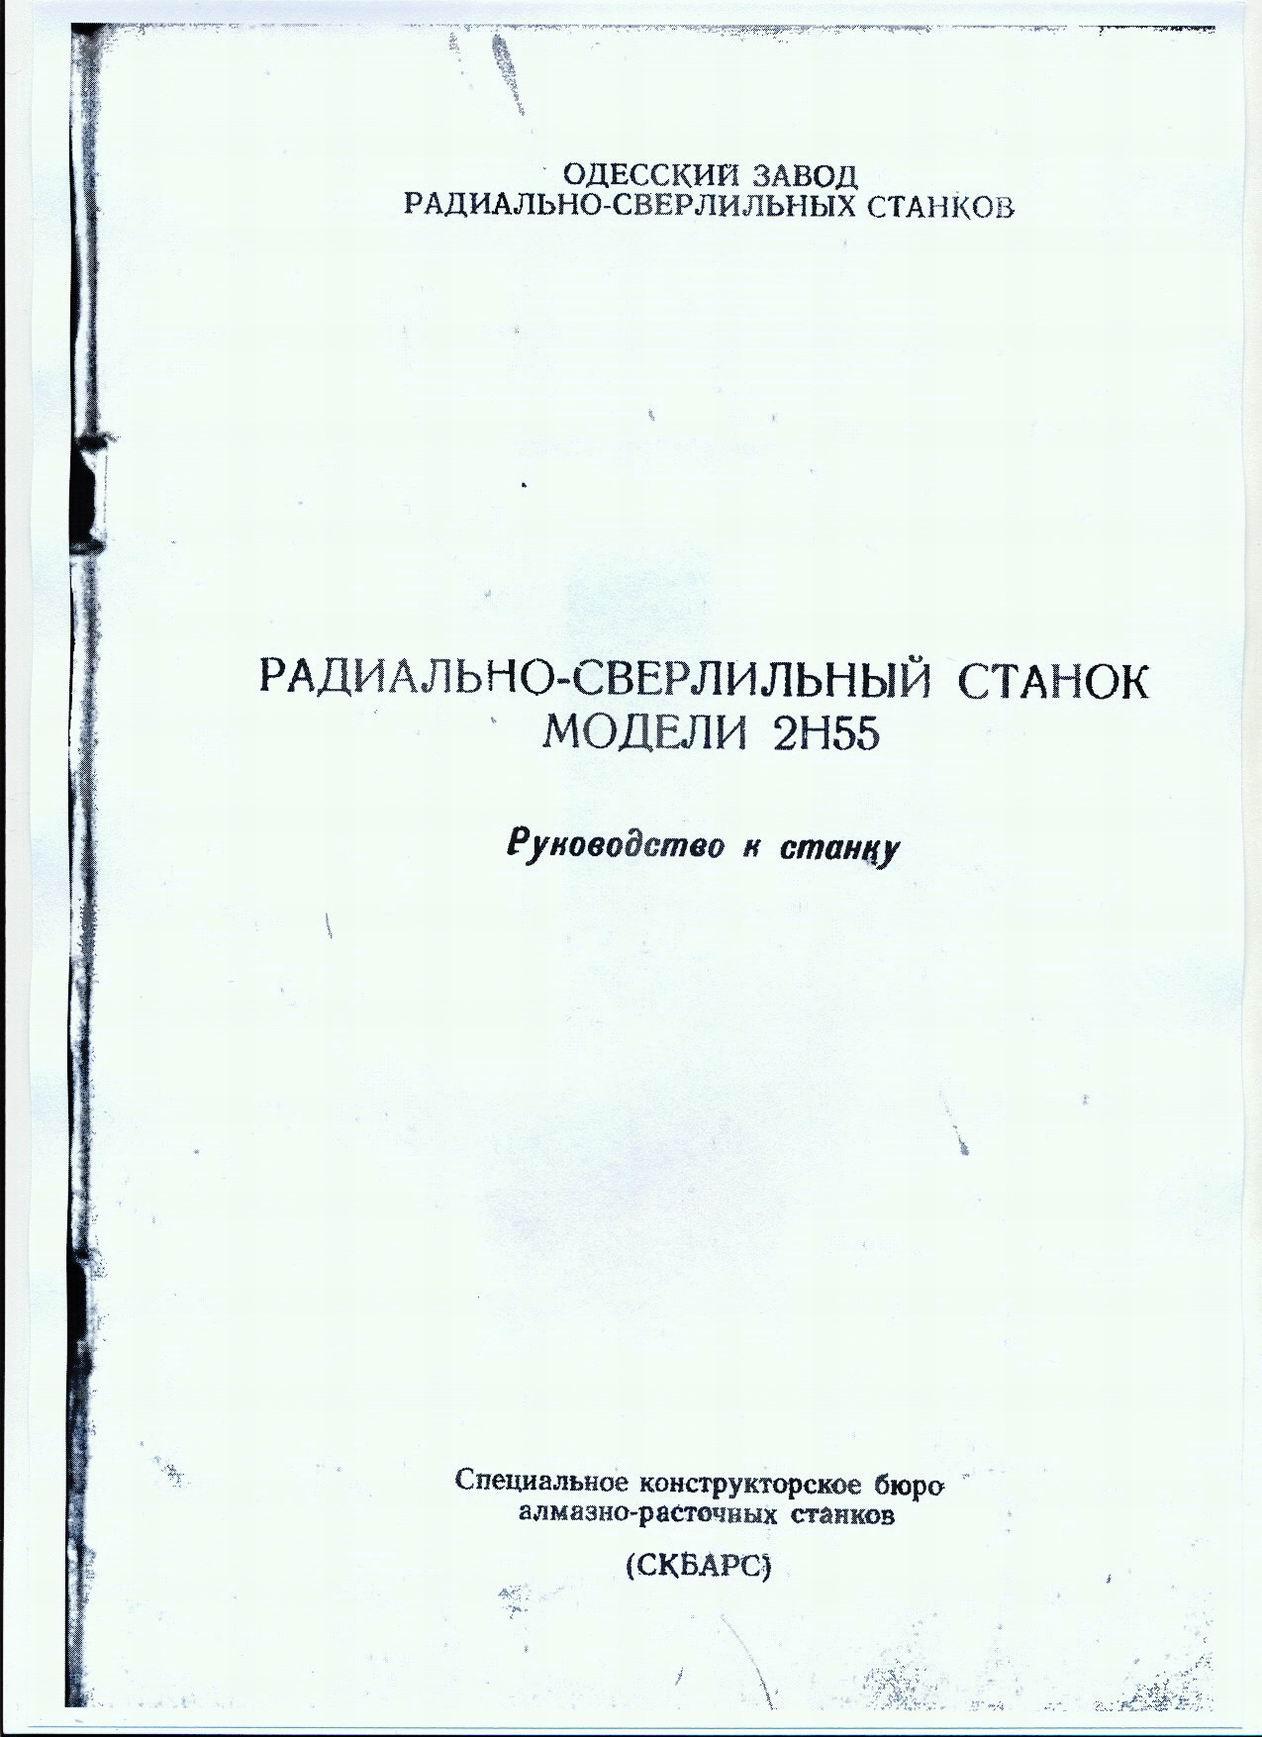 Паспорт 2Н55 (Ø 50 мм) Радиально-сверлильный станок (Одесса): http://prompasport.ru/index.php/pasporta-stanki-metall/sverlilmie-pasporta/1511-2n55